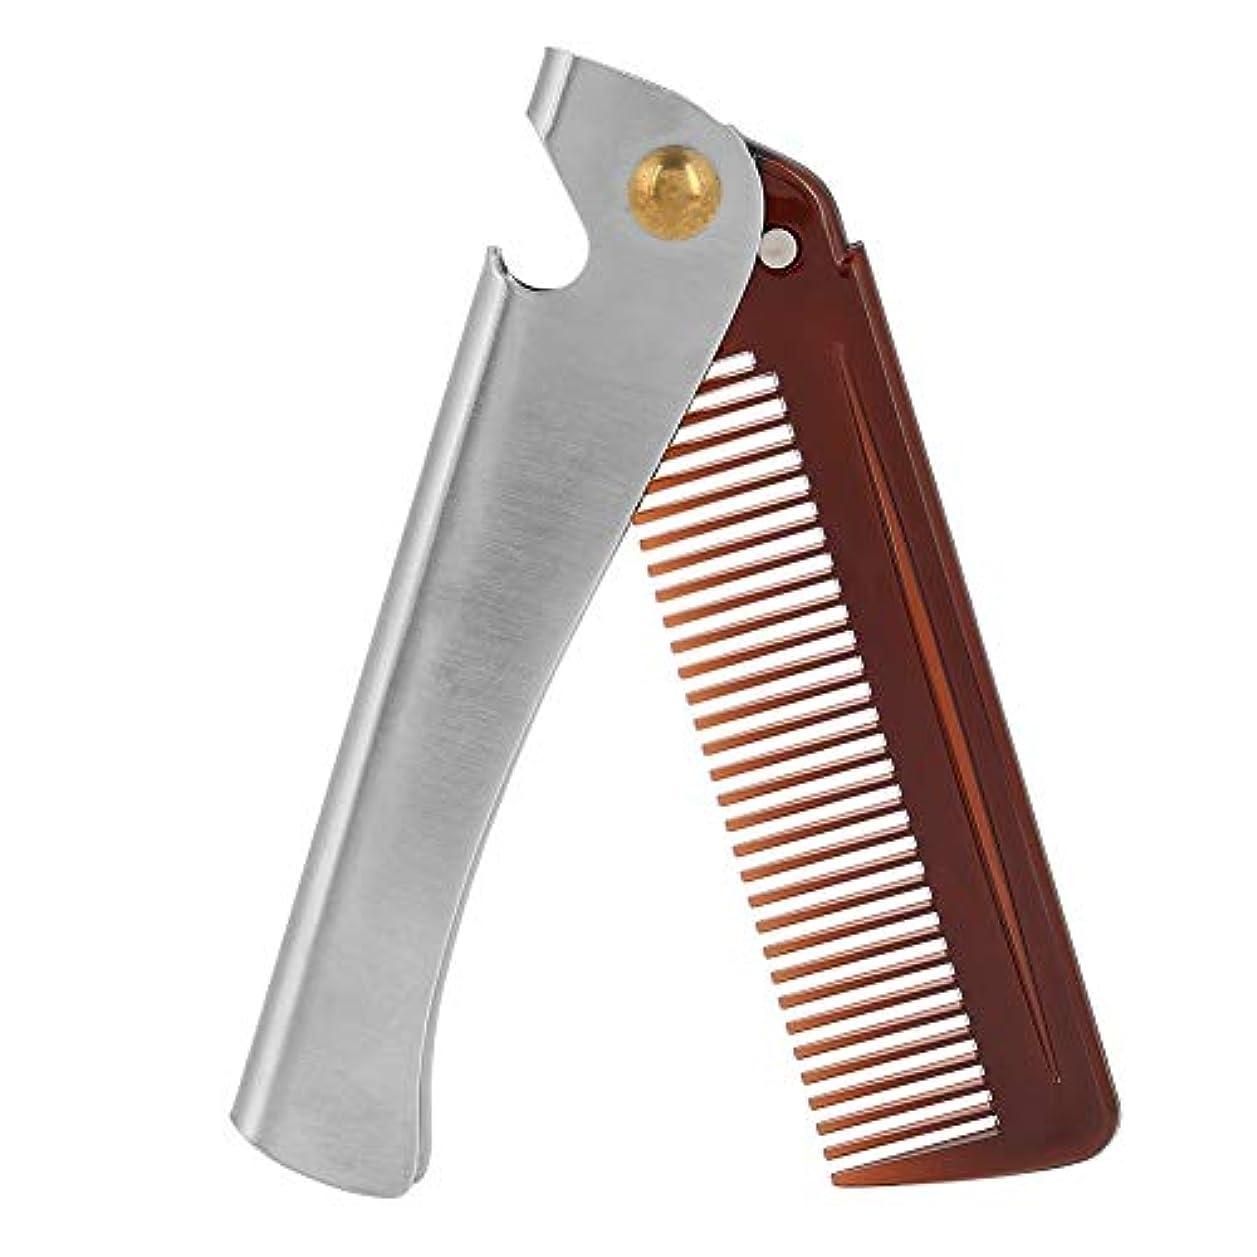 シールサラミなんとなくステンレス製のひげの櫛の携帯用ステンレス製のひげの櫛の携帯用折りたたみ口ひげ用具の栓抜き